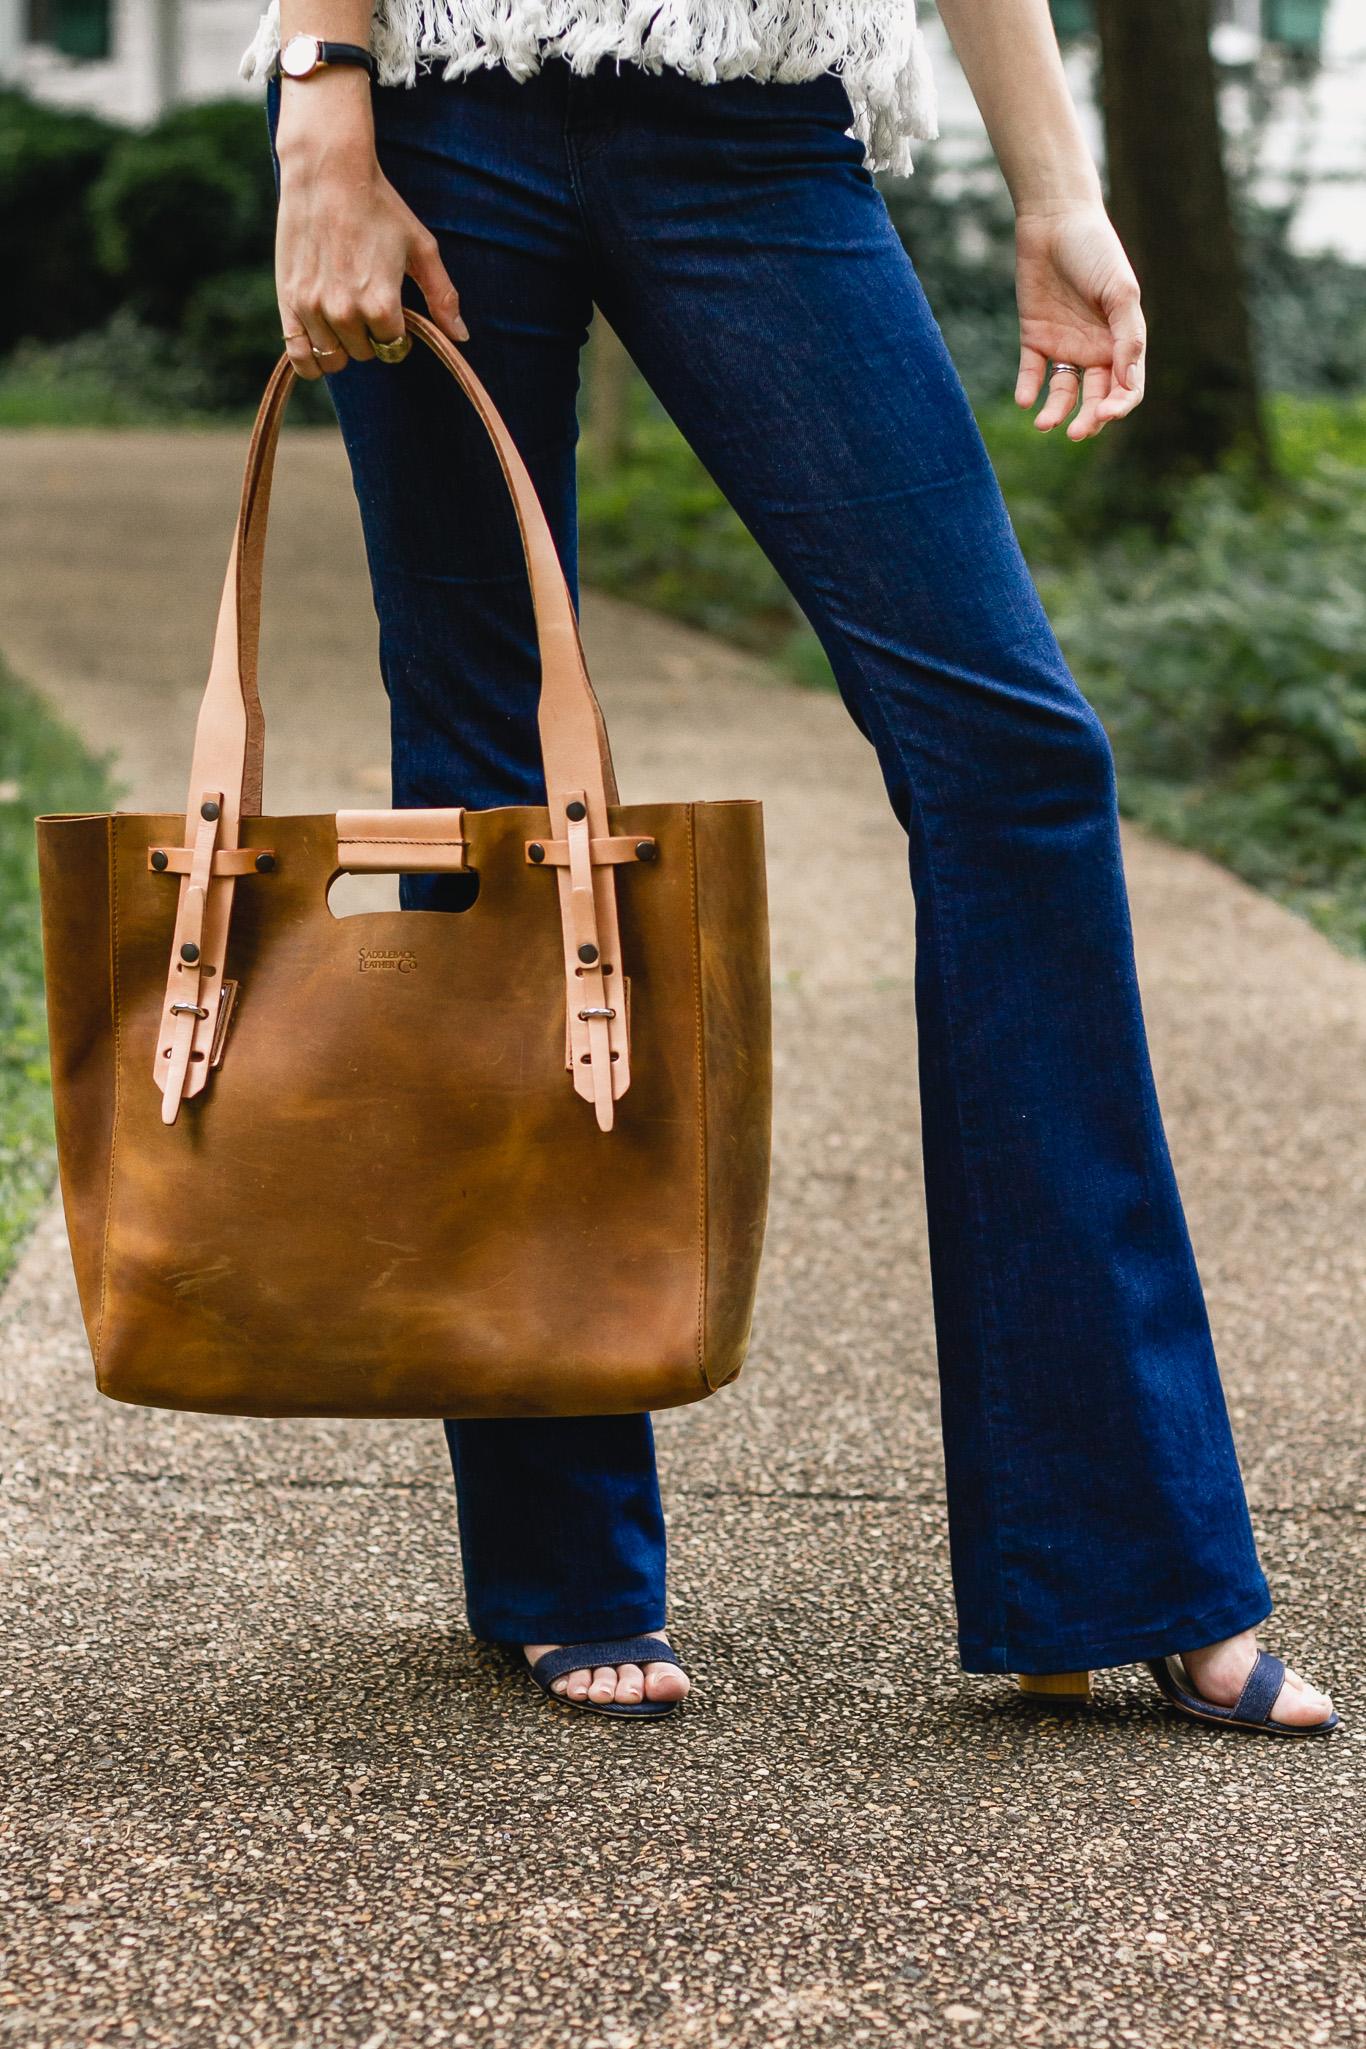 Saddleback Leather everyday tote